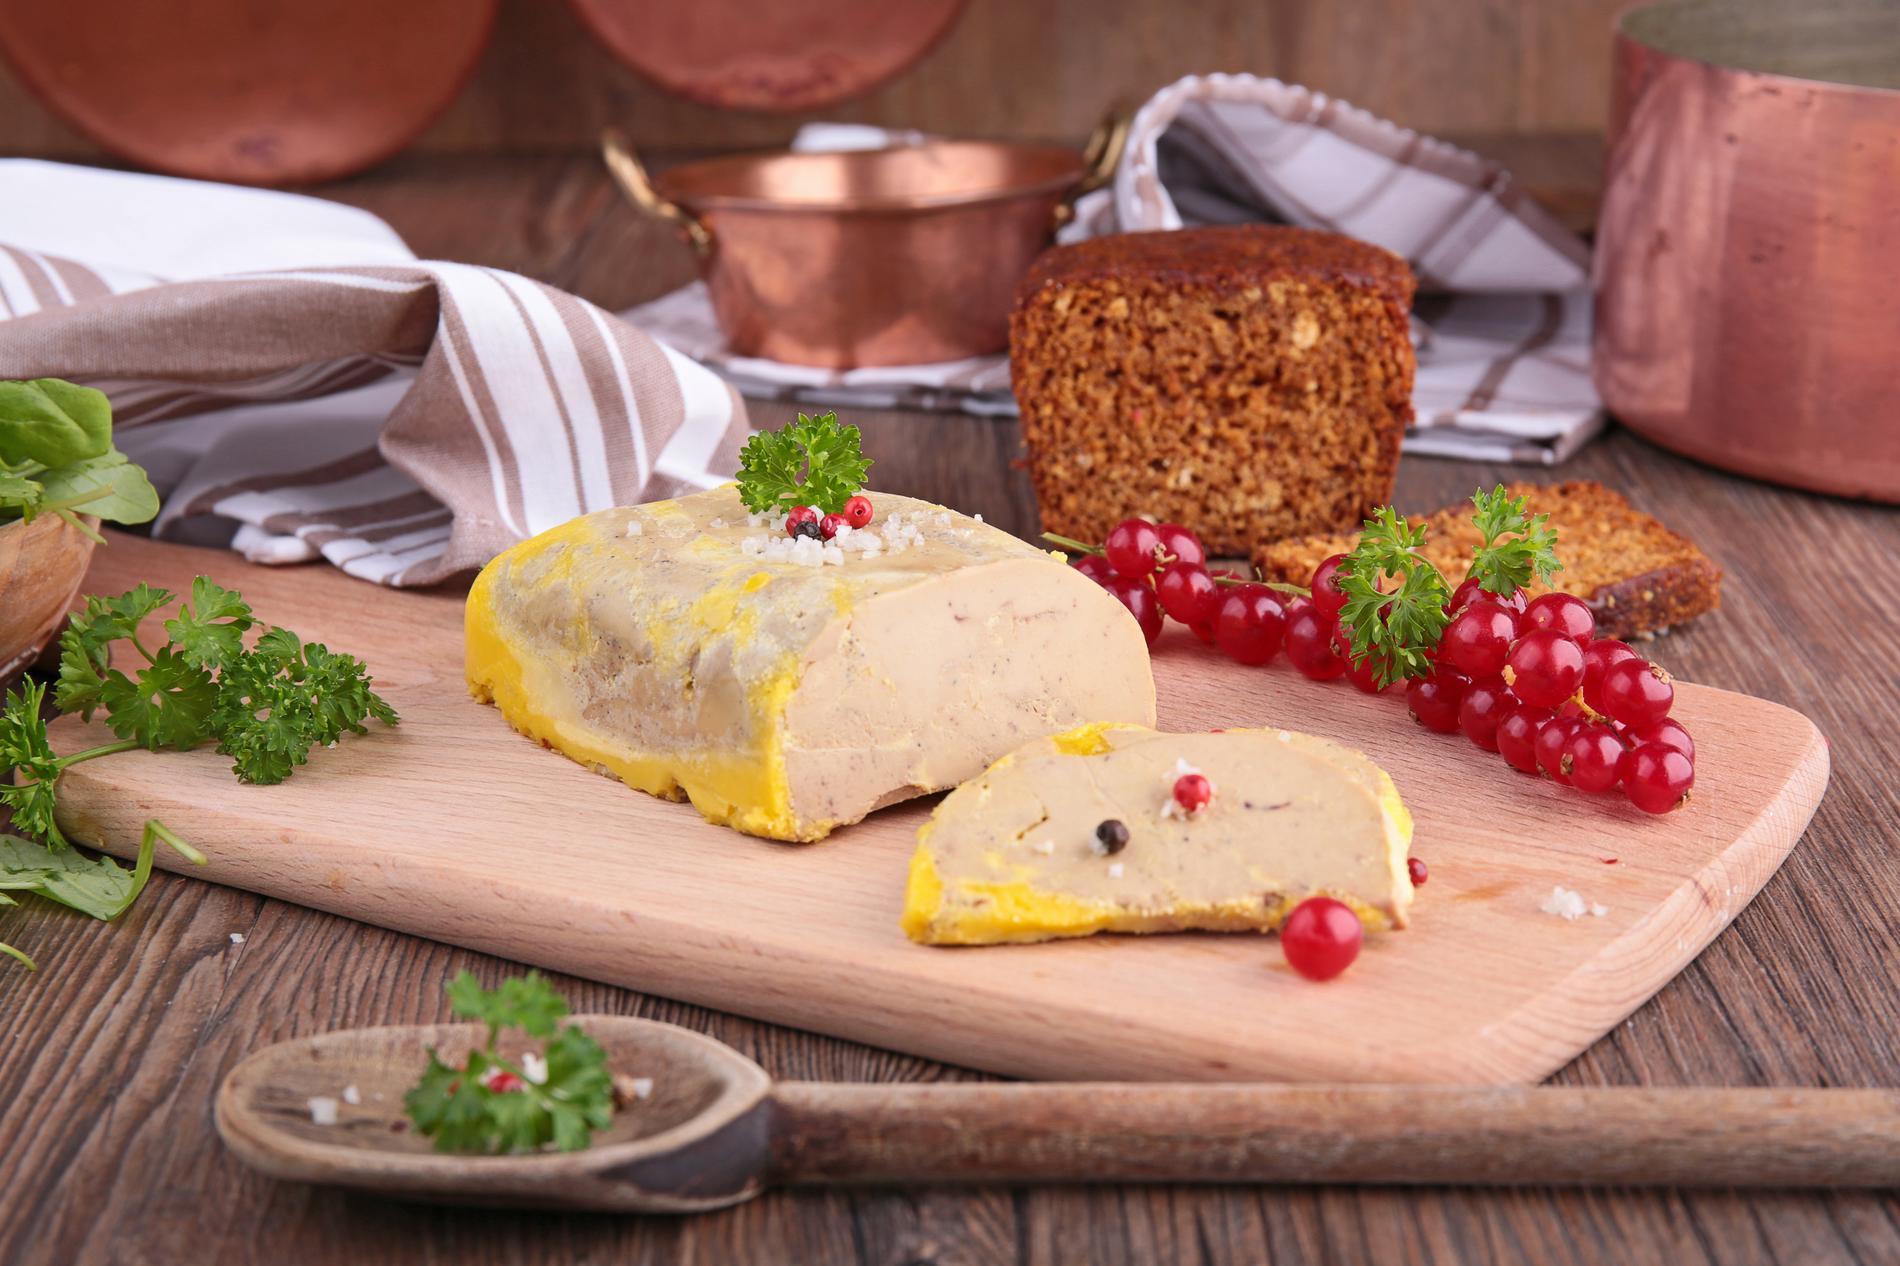 Entier mi cuit extra comment choisir un bon foie gras cuisine madame figaro - Denerver un foie gras ...